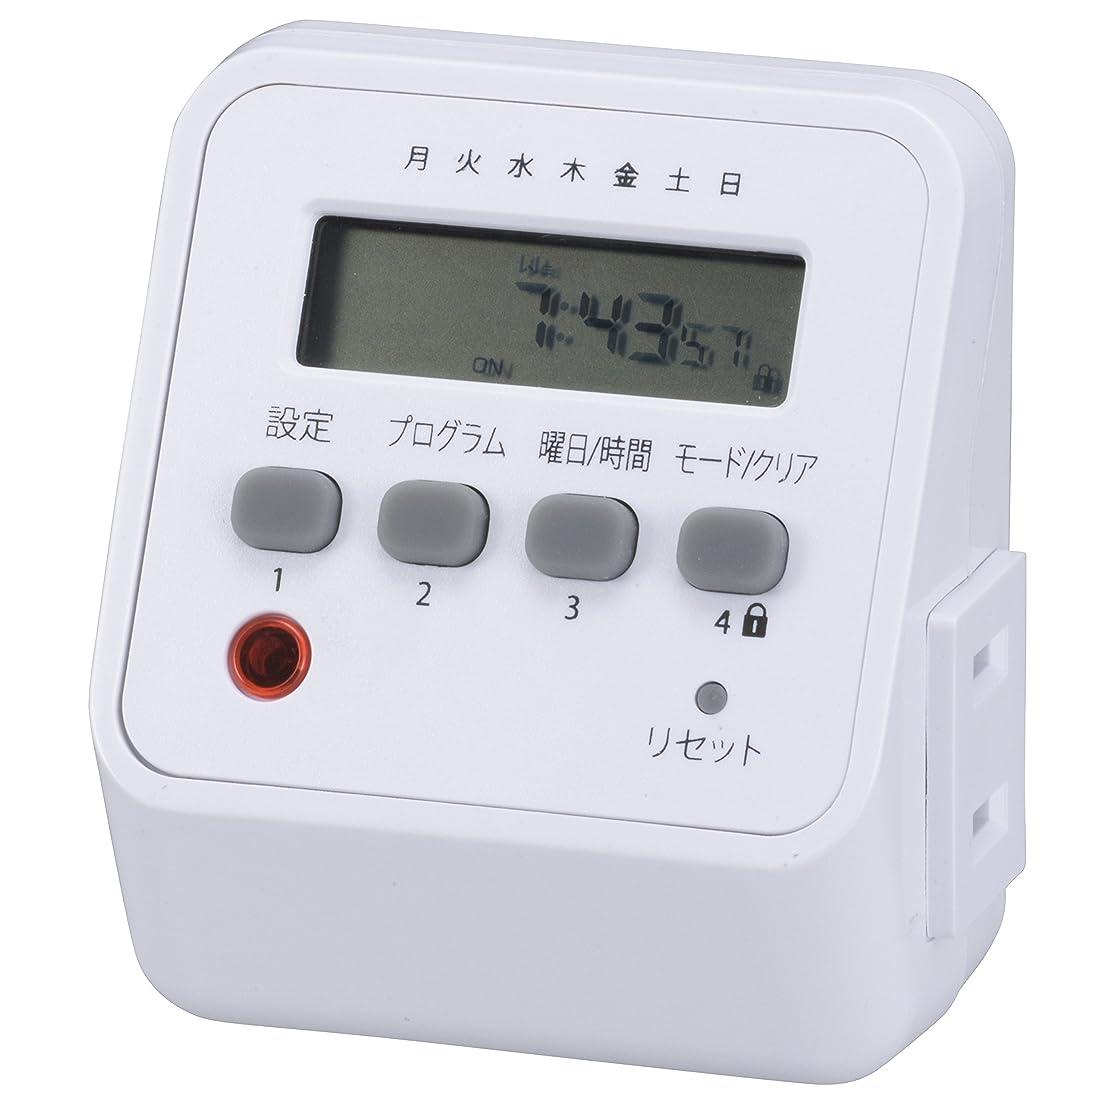 便利さ抜本的な建築家マキタ MAKITA ワンタッチ装着可能 つなぎコード 10M A-63672